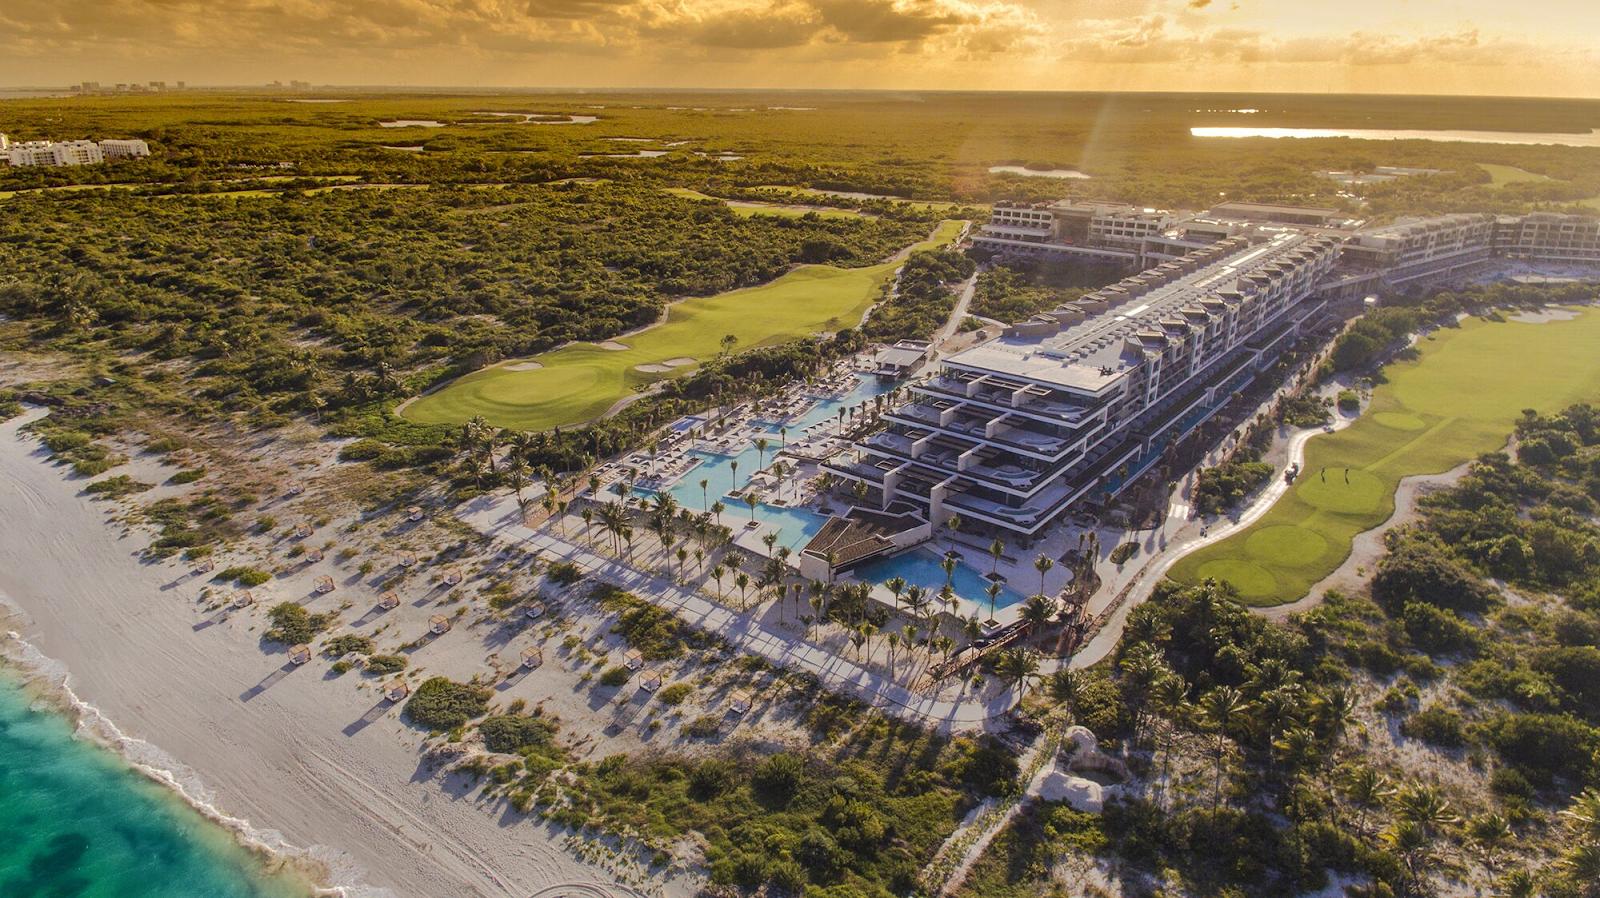 Conoce el lugar perfecto para pasar las vacaciones en familia con el nuevo resort de lujo Estudio Playa Mujeres